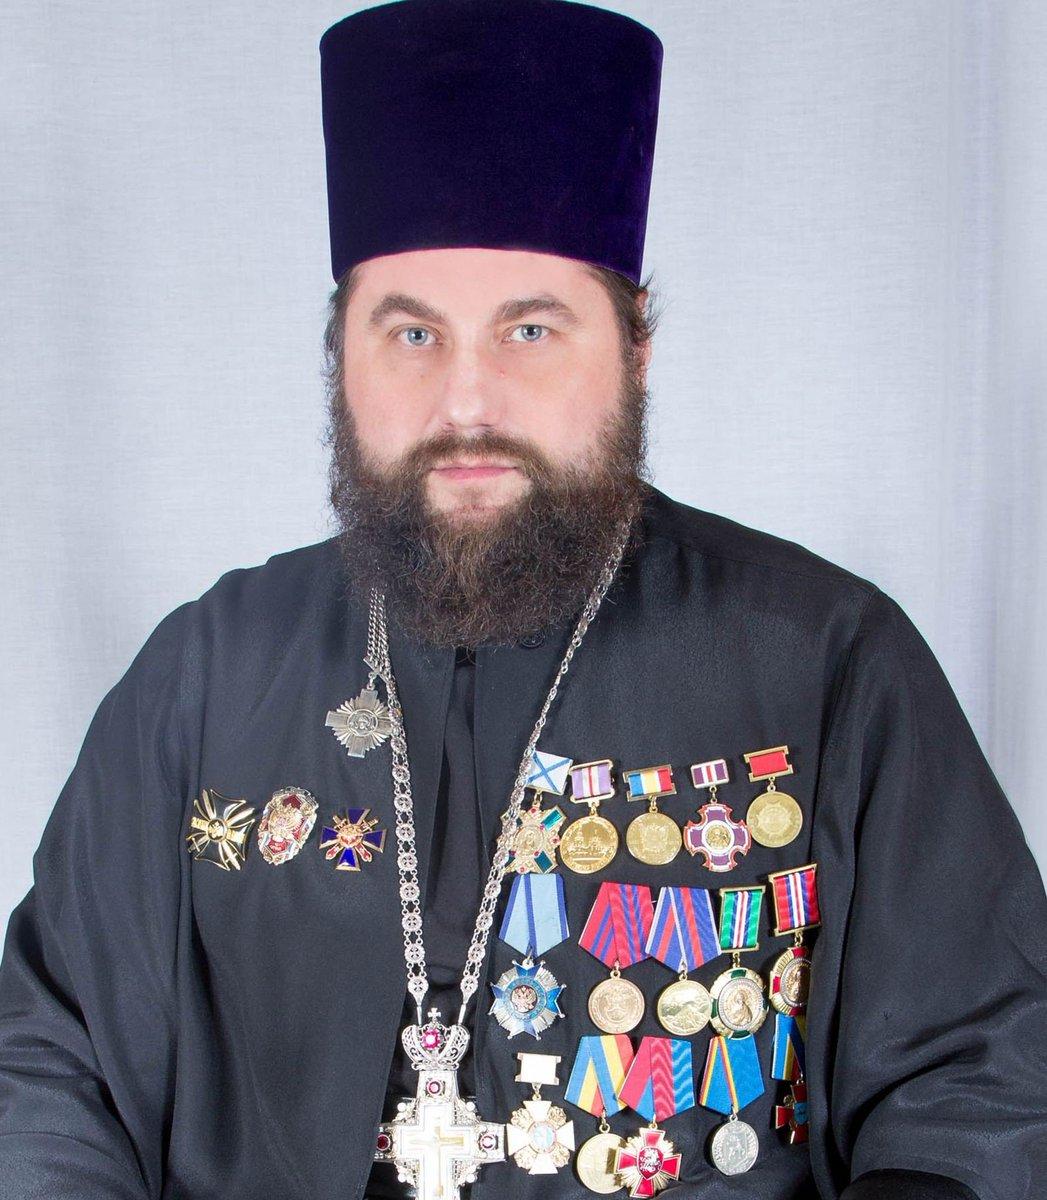 Протоиерей Георгий Сморкалов: Шапошников приложил все силы, чтобы спасти людские жизни